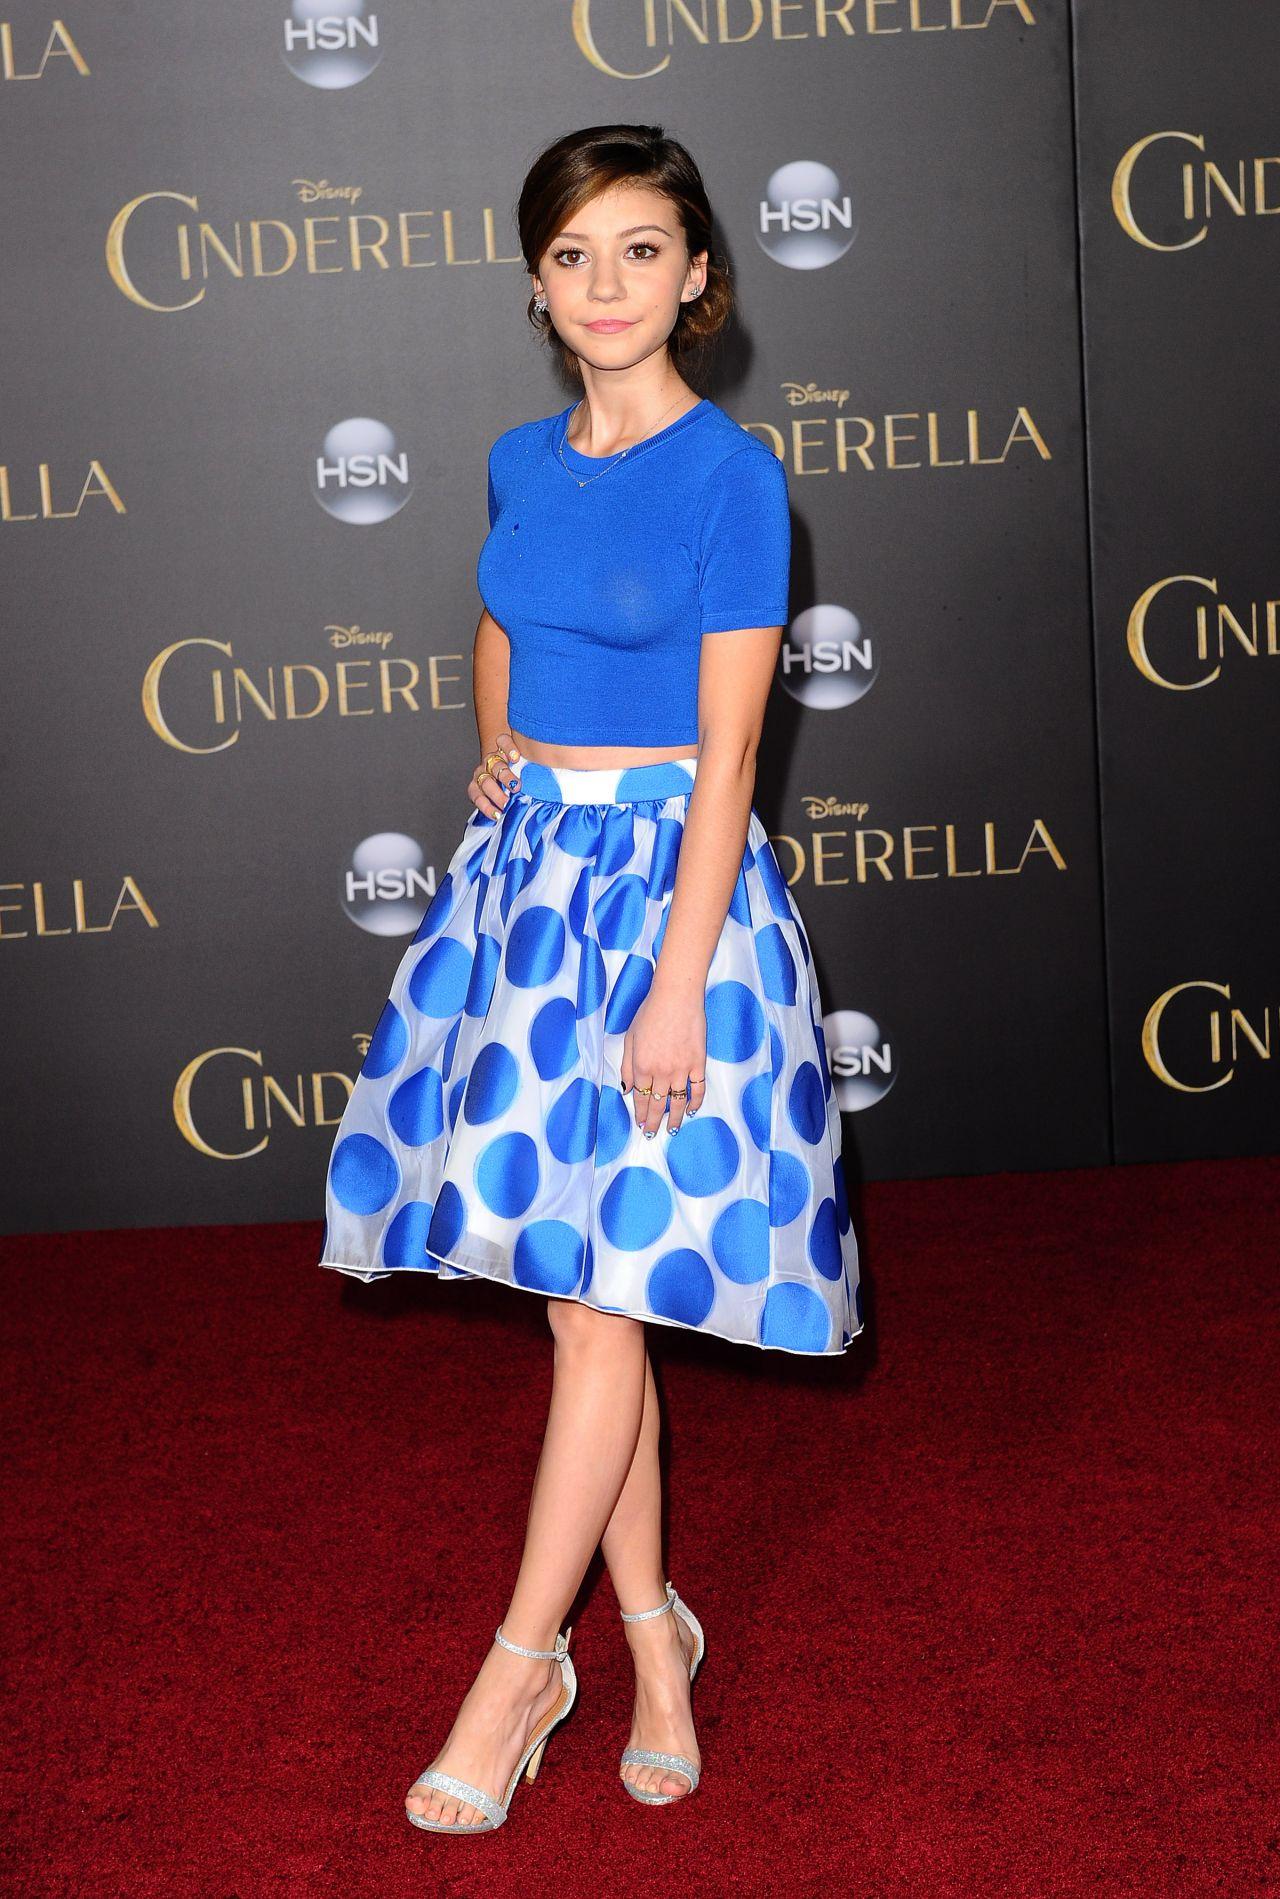 Genevieve Hannelius Disney S Cinderella Premiere In